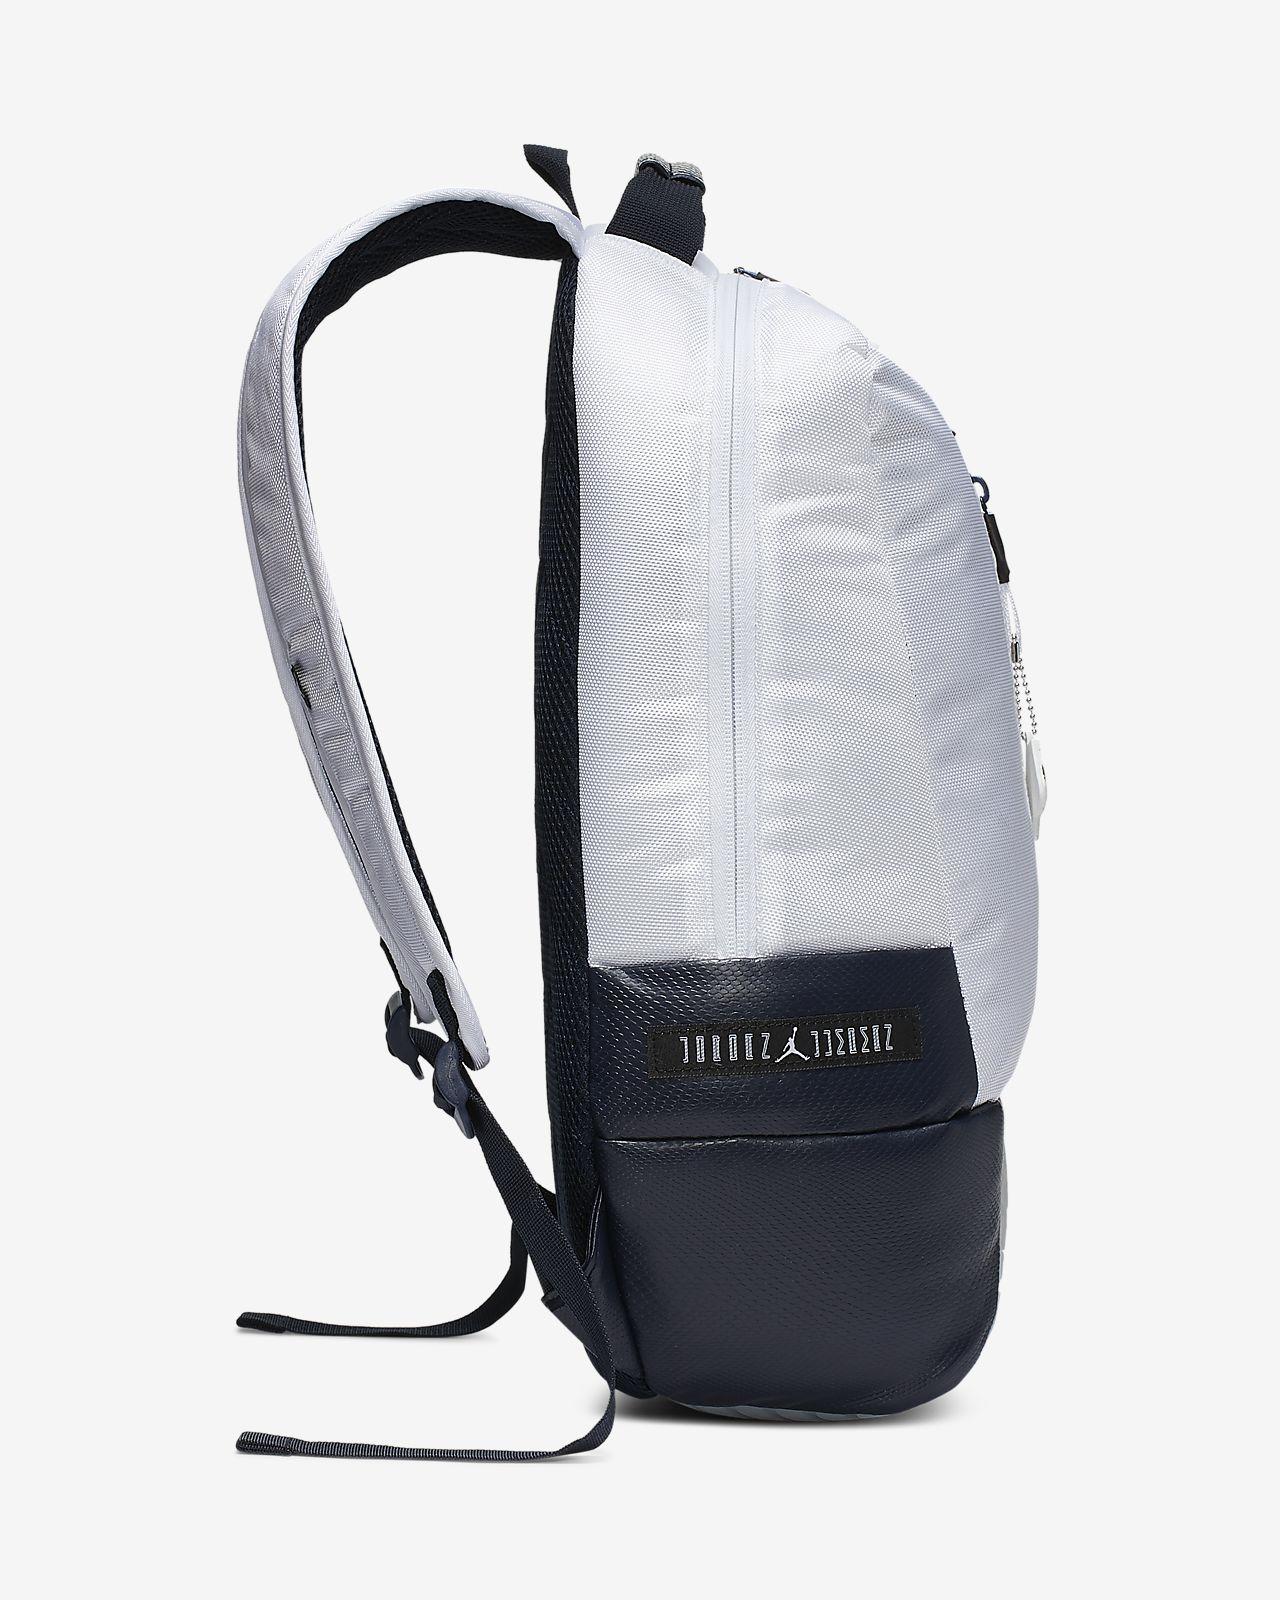 3a85867aed79 Low Resolution Jordan Retro 11 Backpack Jordan Retro 11 Backpack